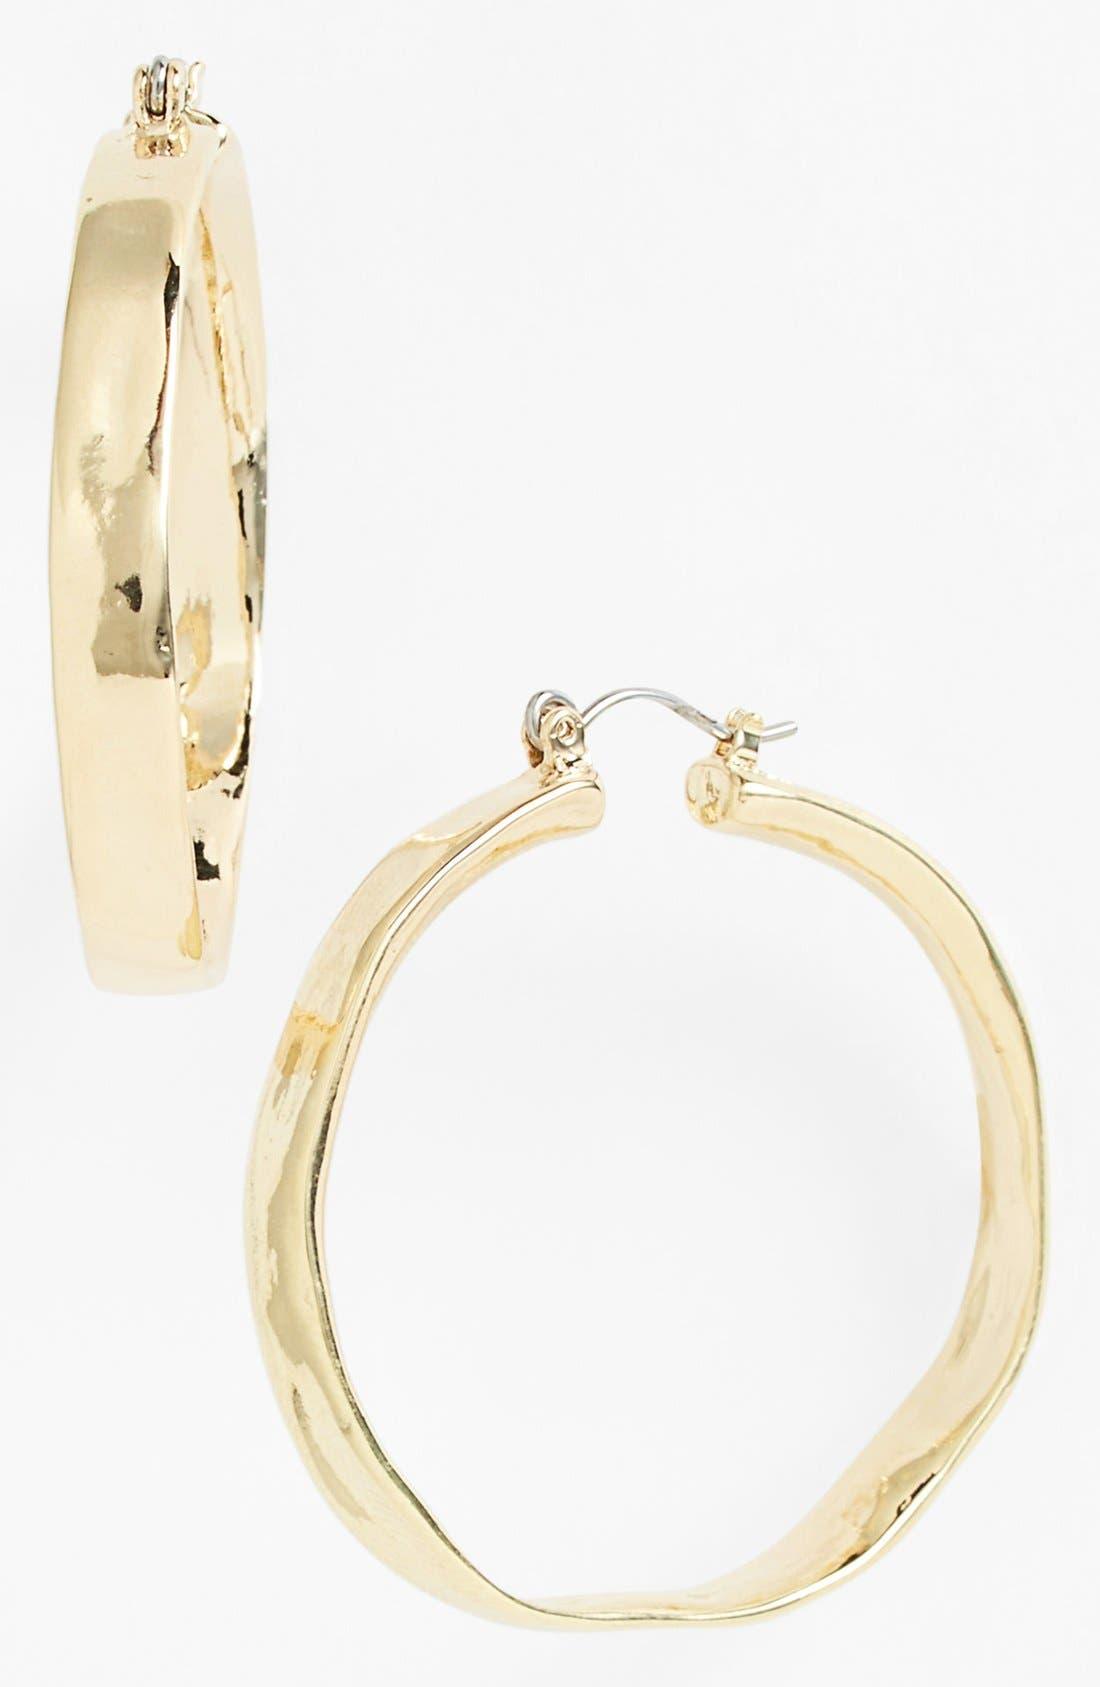 Main Image - Nordstrom 'Gold Water' Hammered Hoop Earrings